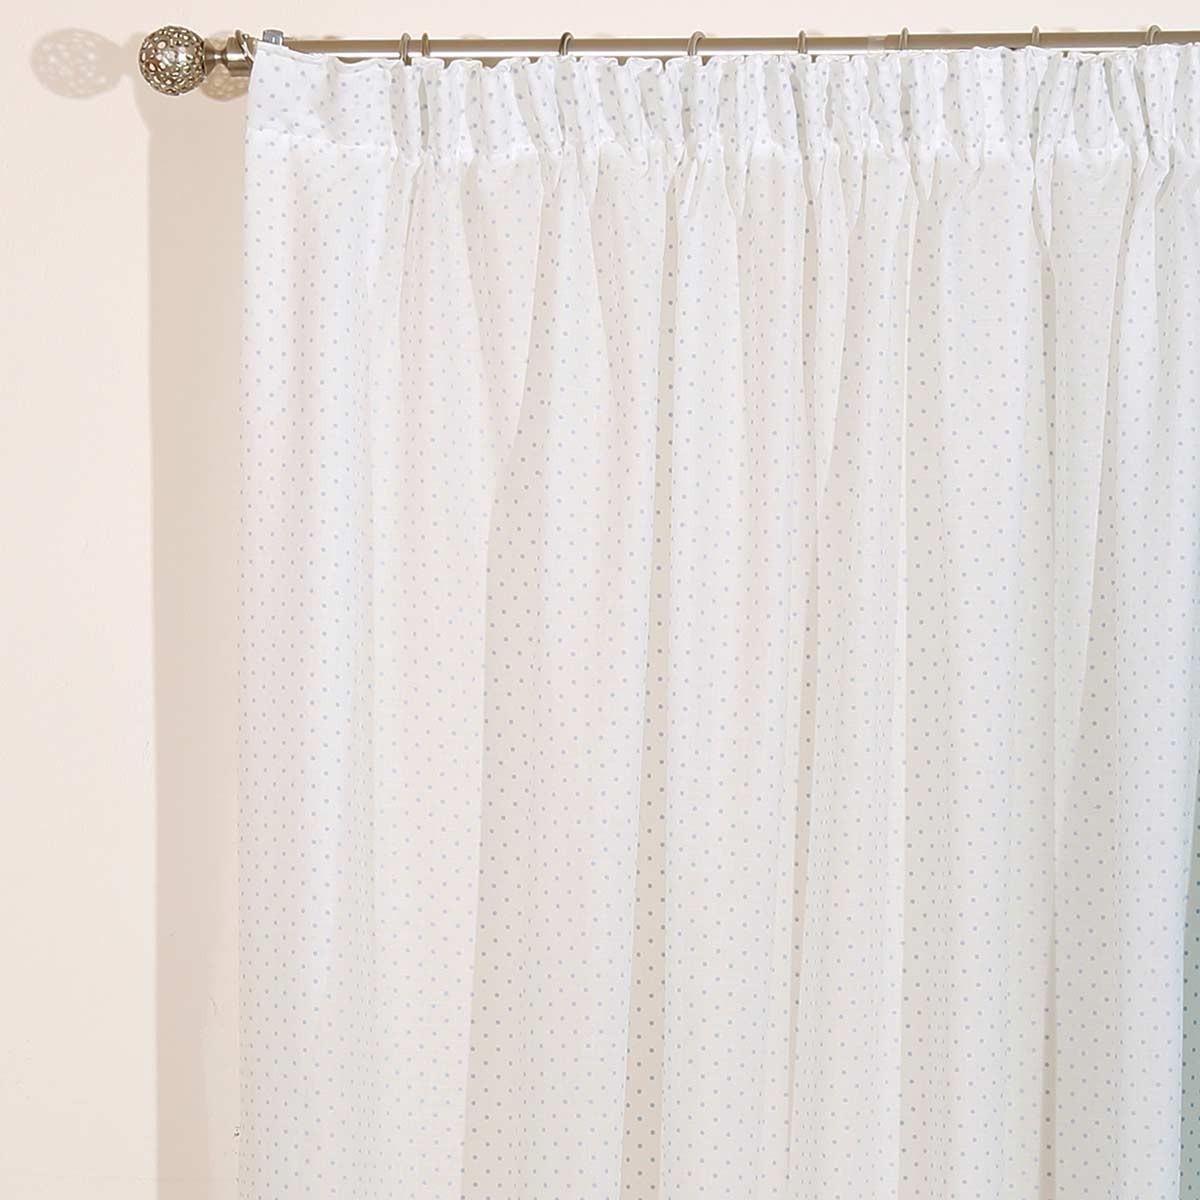 Παιδική Κουρτίνα (280x270) Viopros Curtains Γάζα Πουά Σιέλ